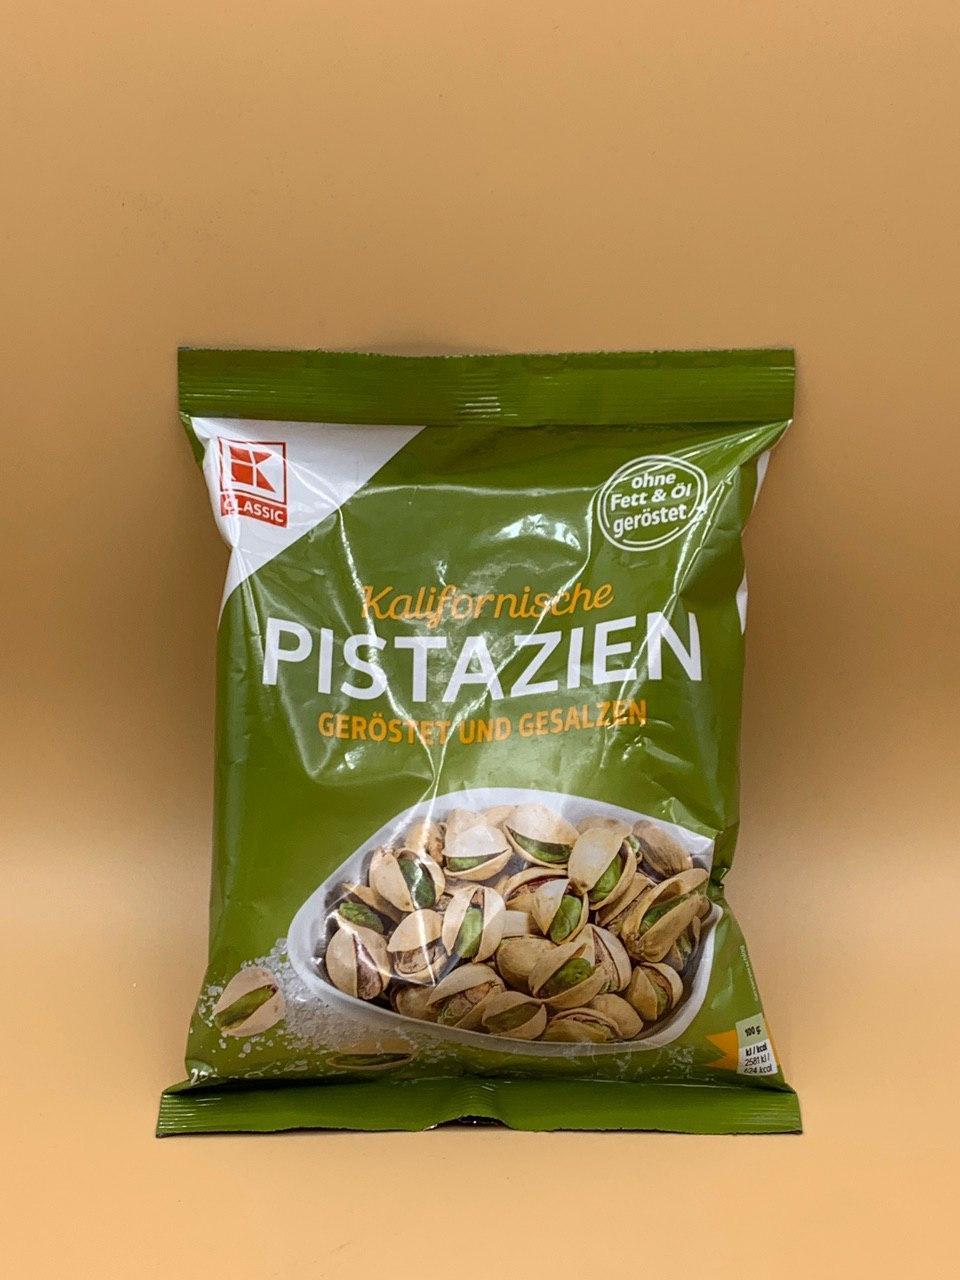 Фисташки Classic 0.25kg Pistazien Классик 0.25кг